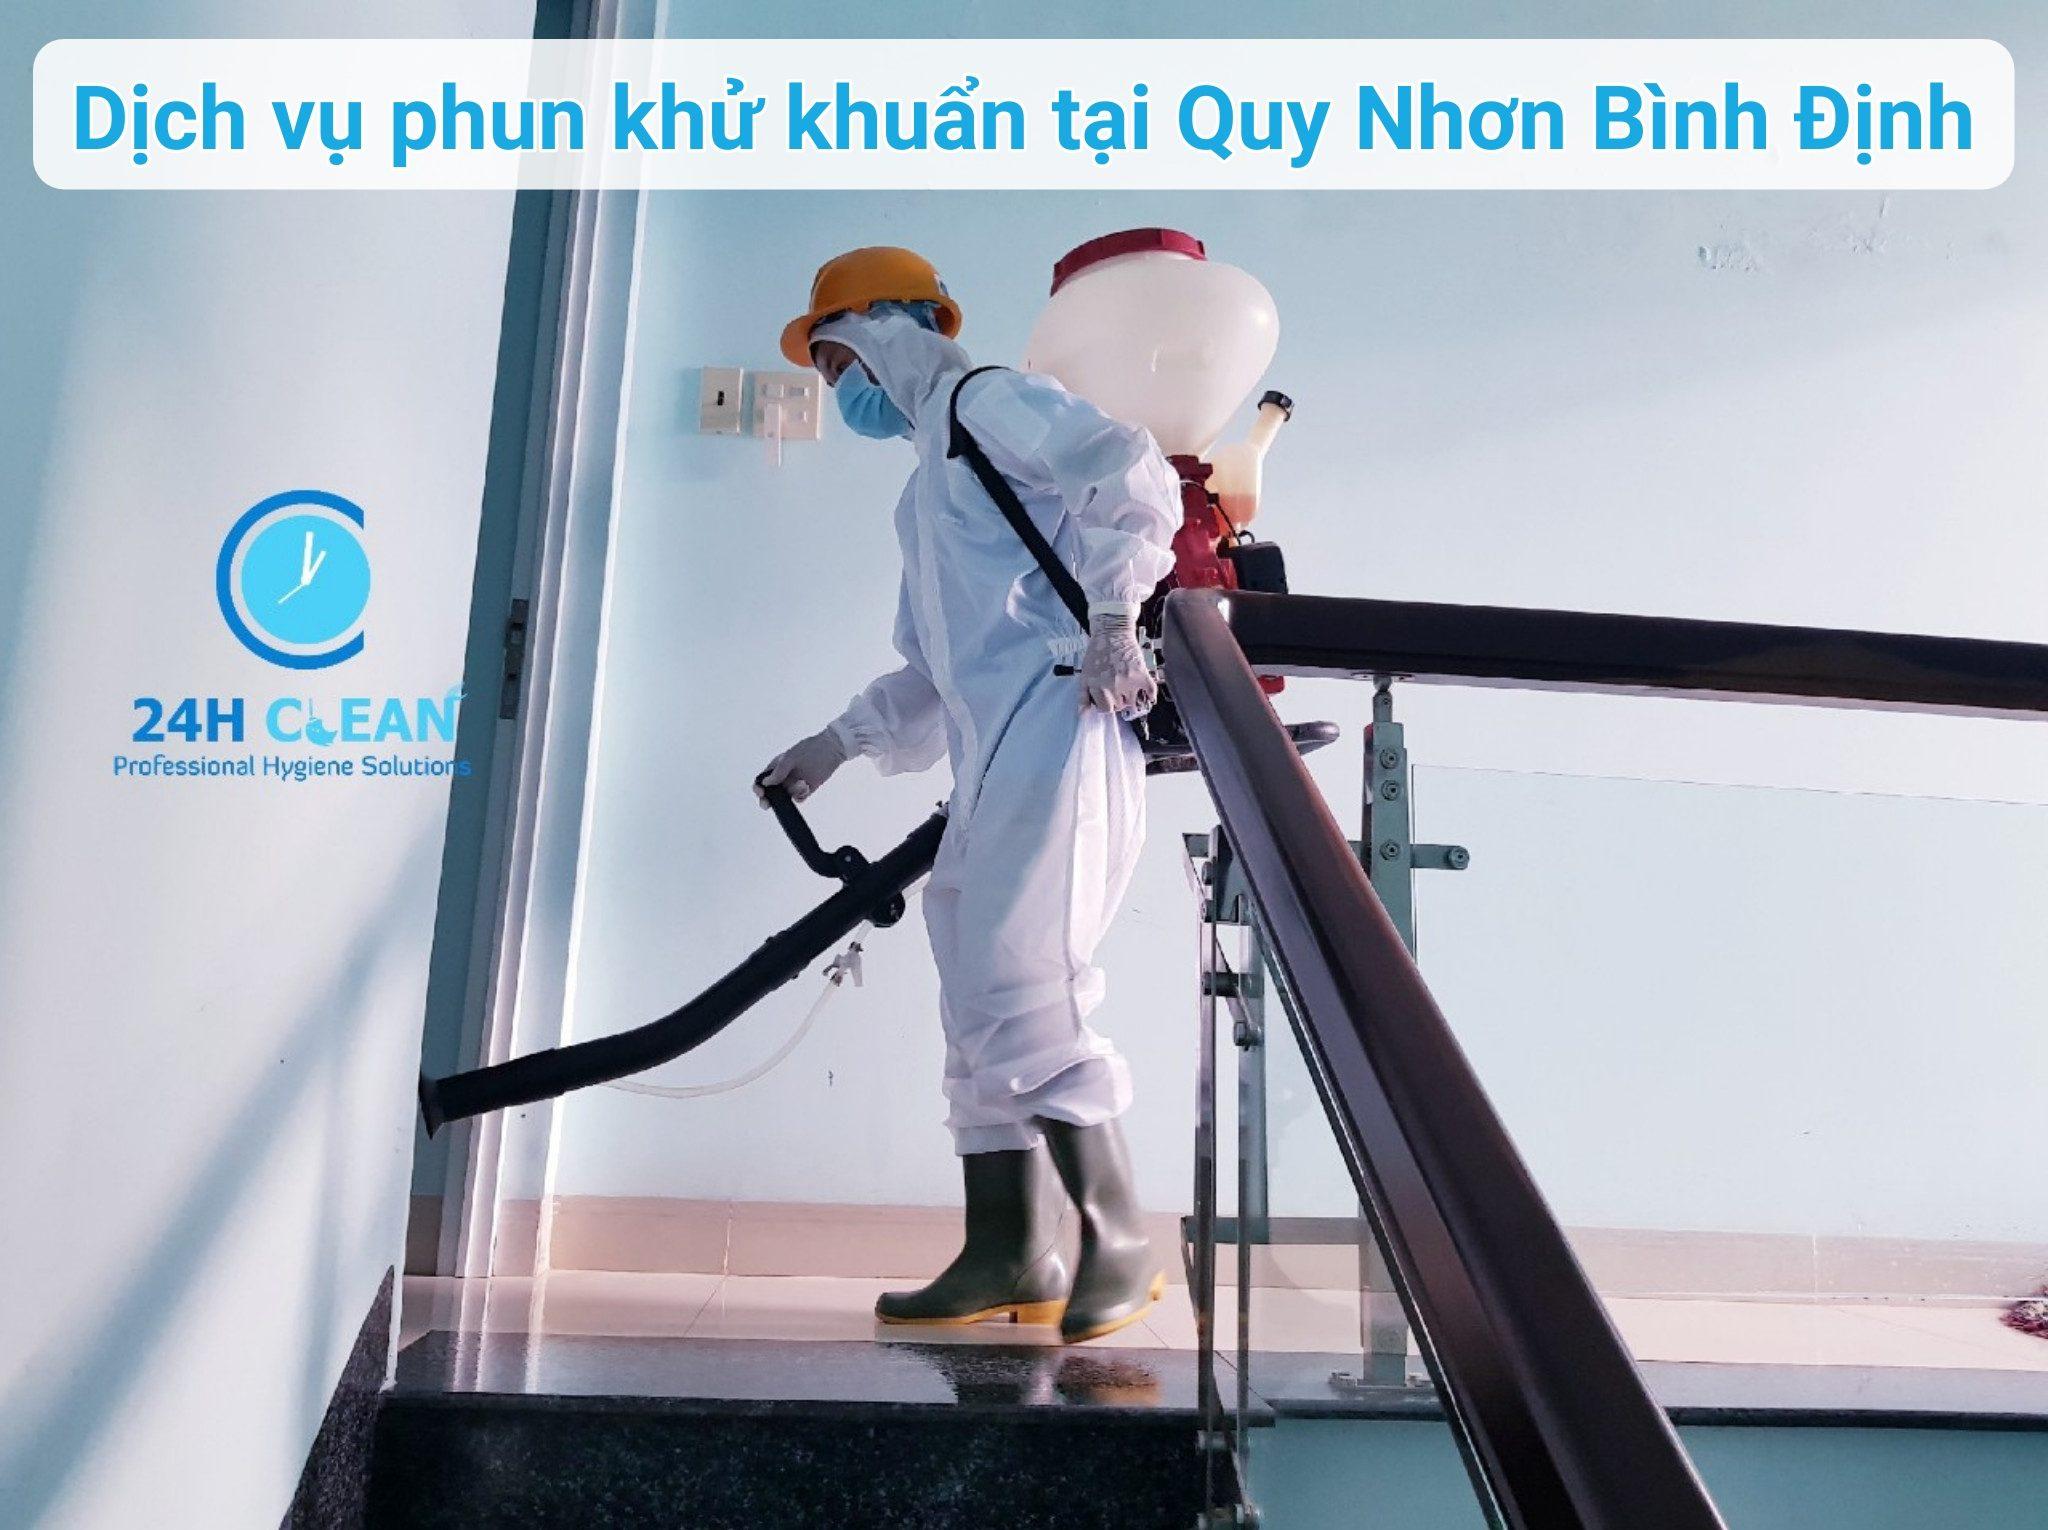 Dịch vụ phun khử khuẩn tại quy nhơn bình định